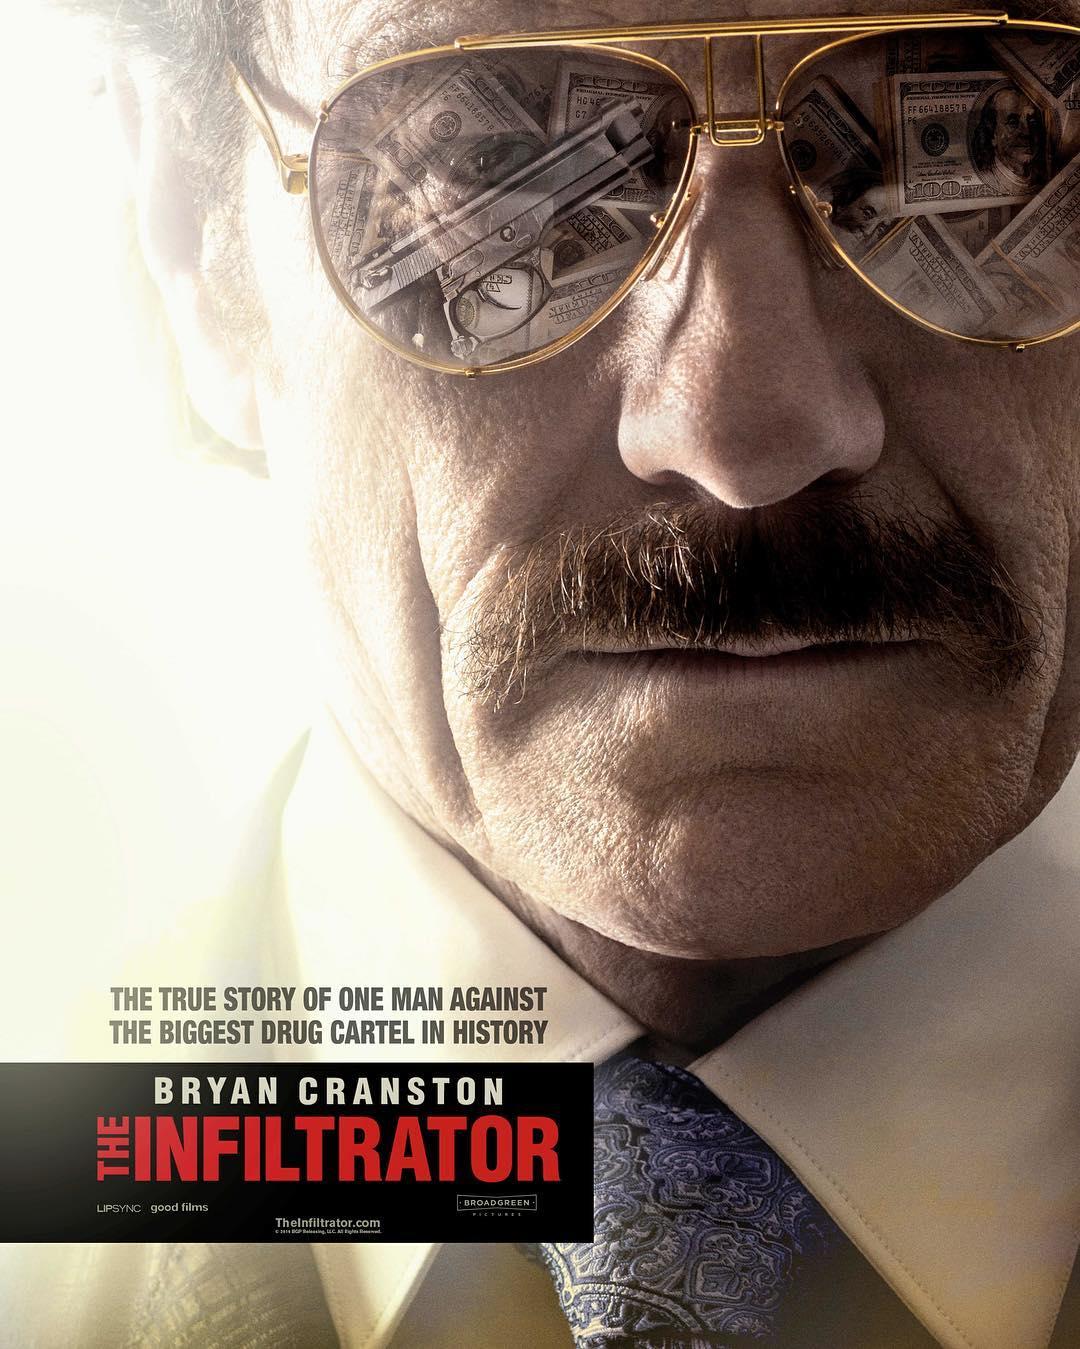 映画 The Infiltrator ザ・インフィルトレーター 麻薬王パブロ・エスコバルとの戦いを描いた実話